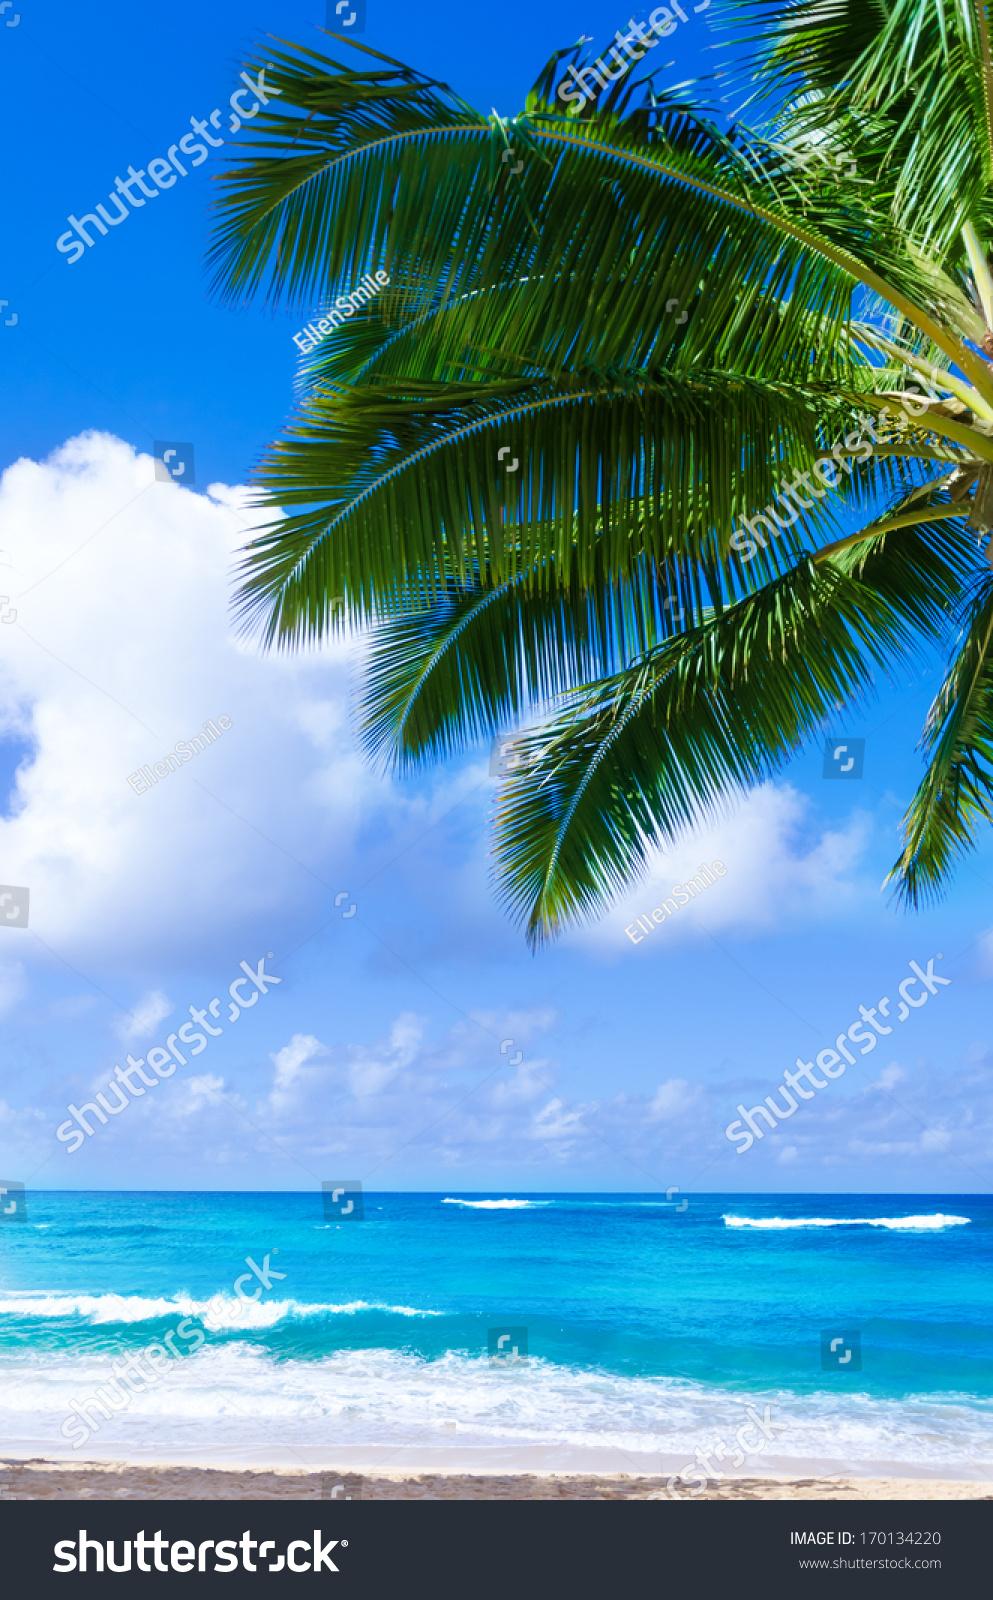 微信头像海边树